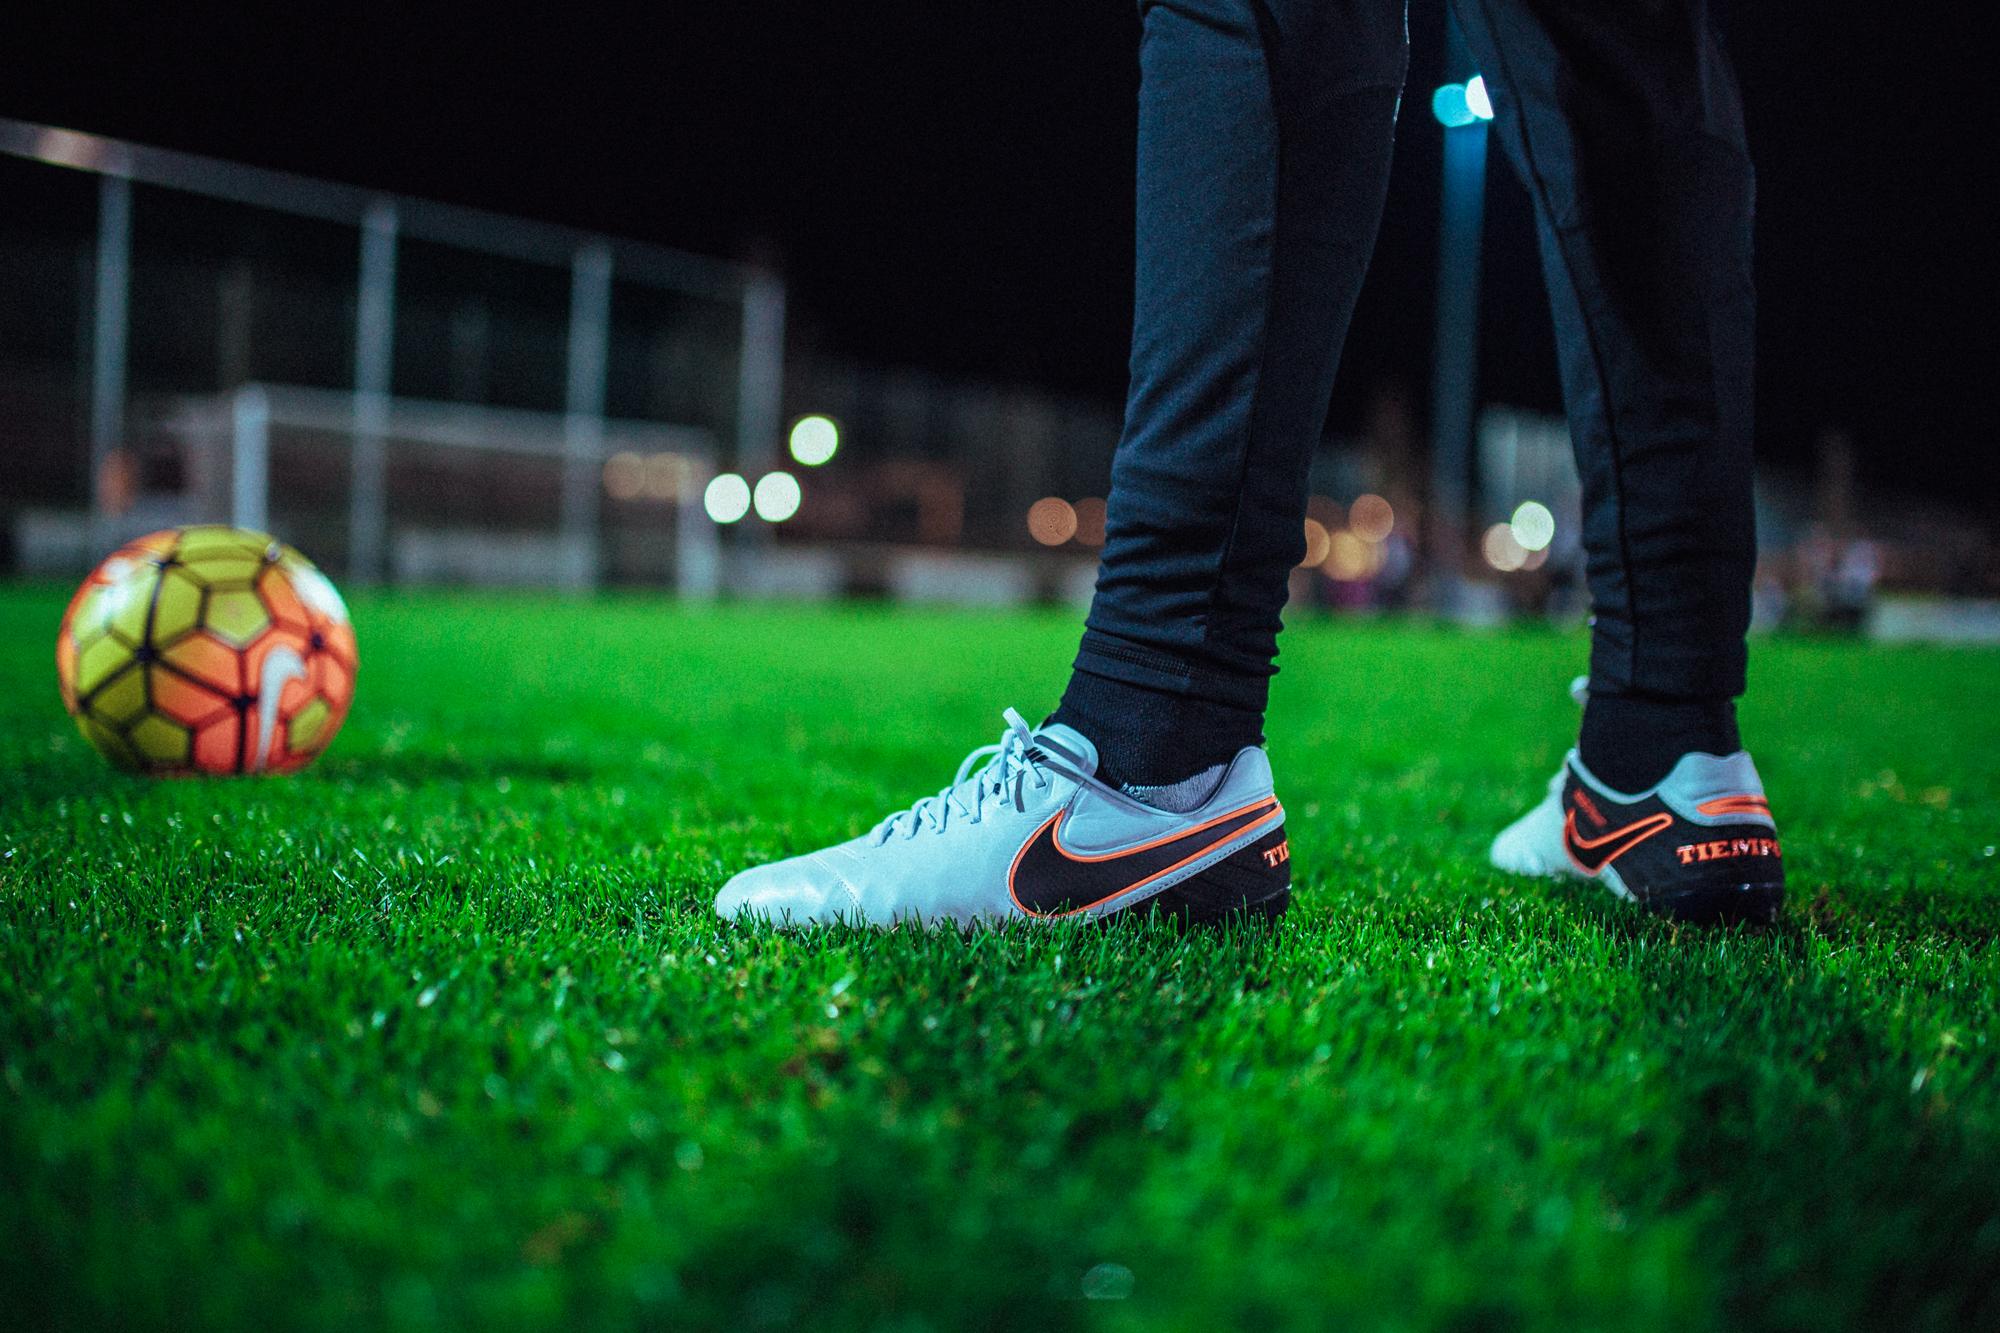 Nike Tiempo 6 Launch